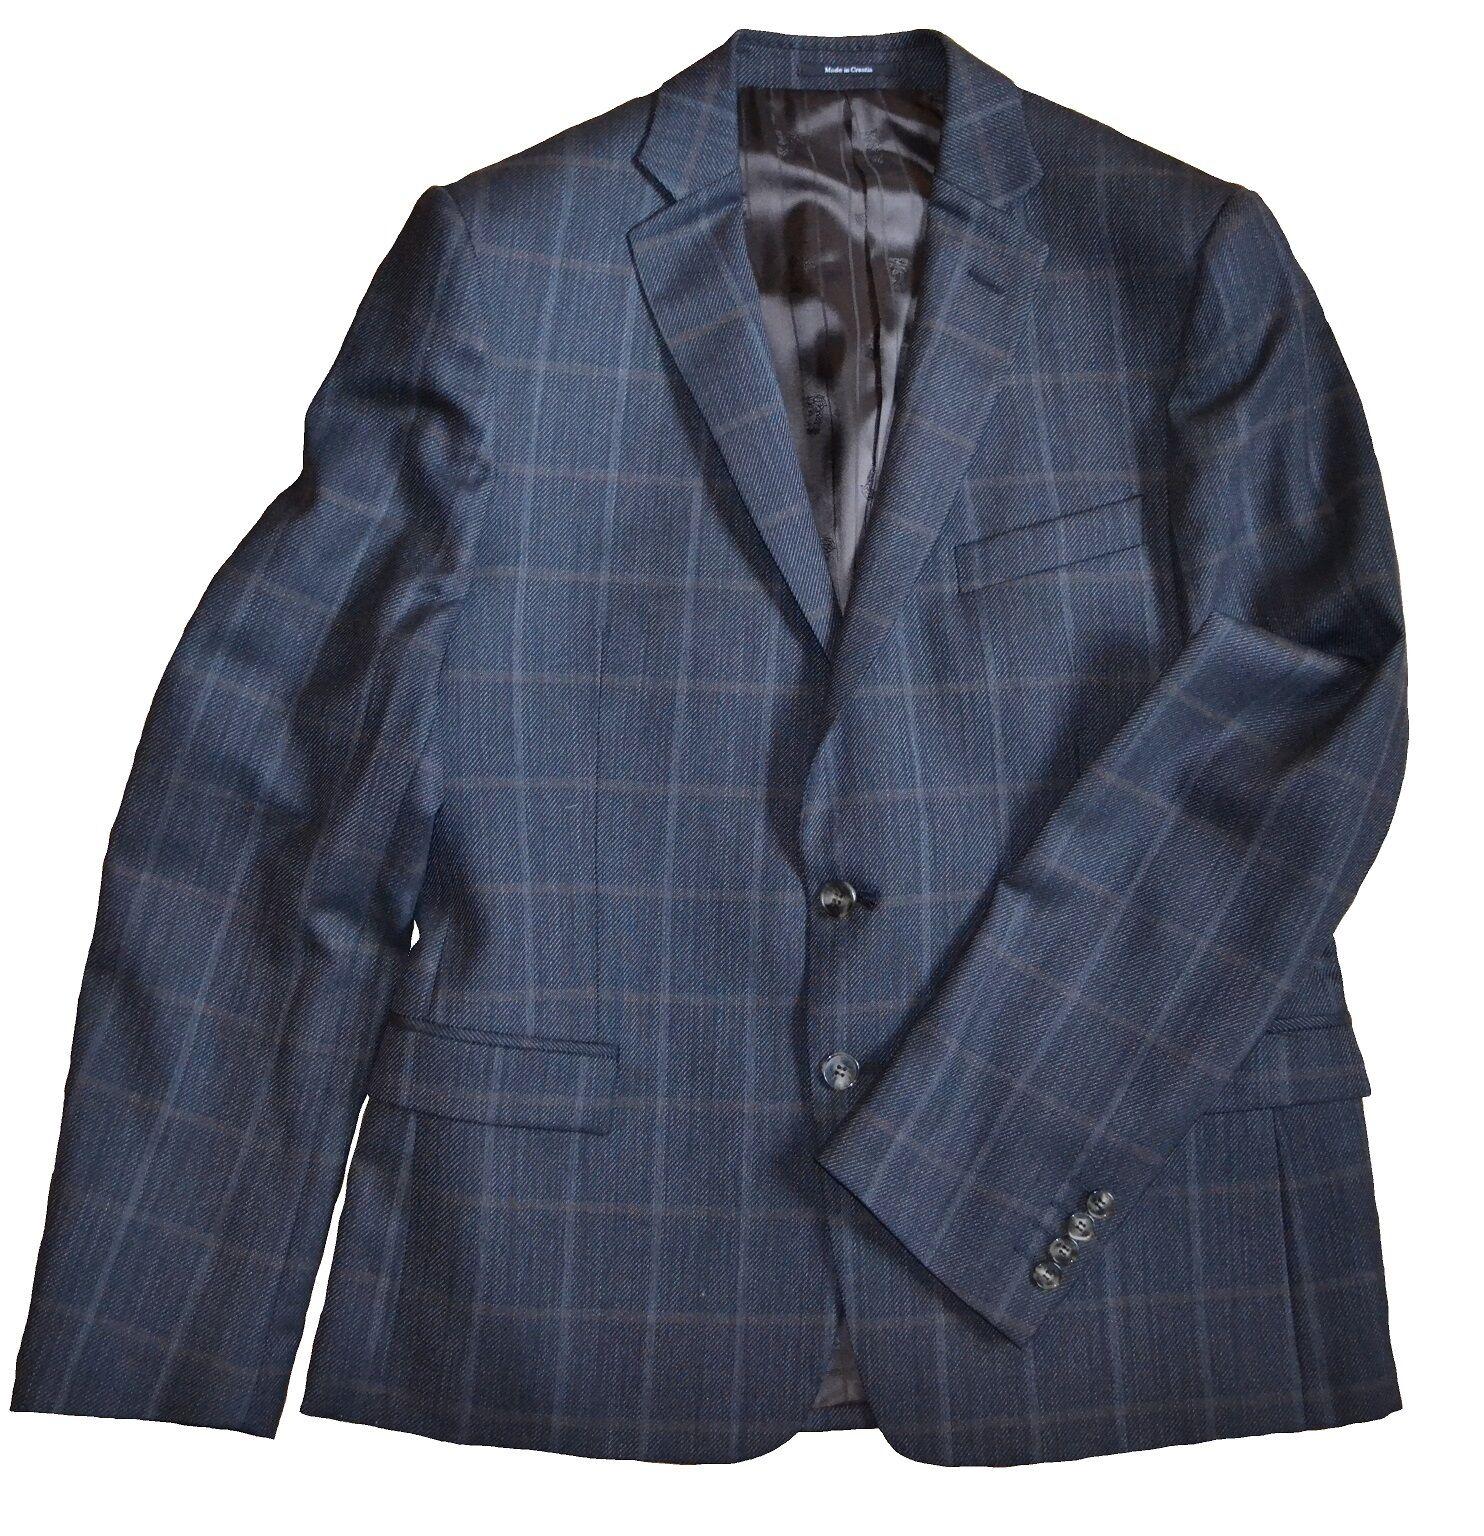 NWT 695 Versace Collection by Gianni Versace Slim Trim Fit Wool Blazer Größe 40R